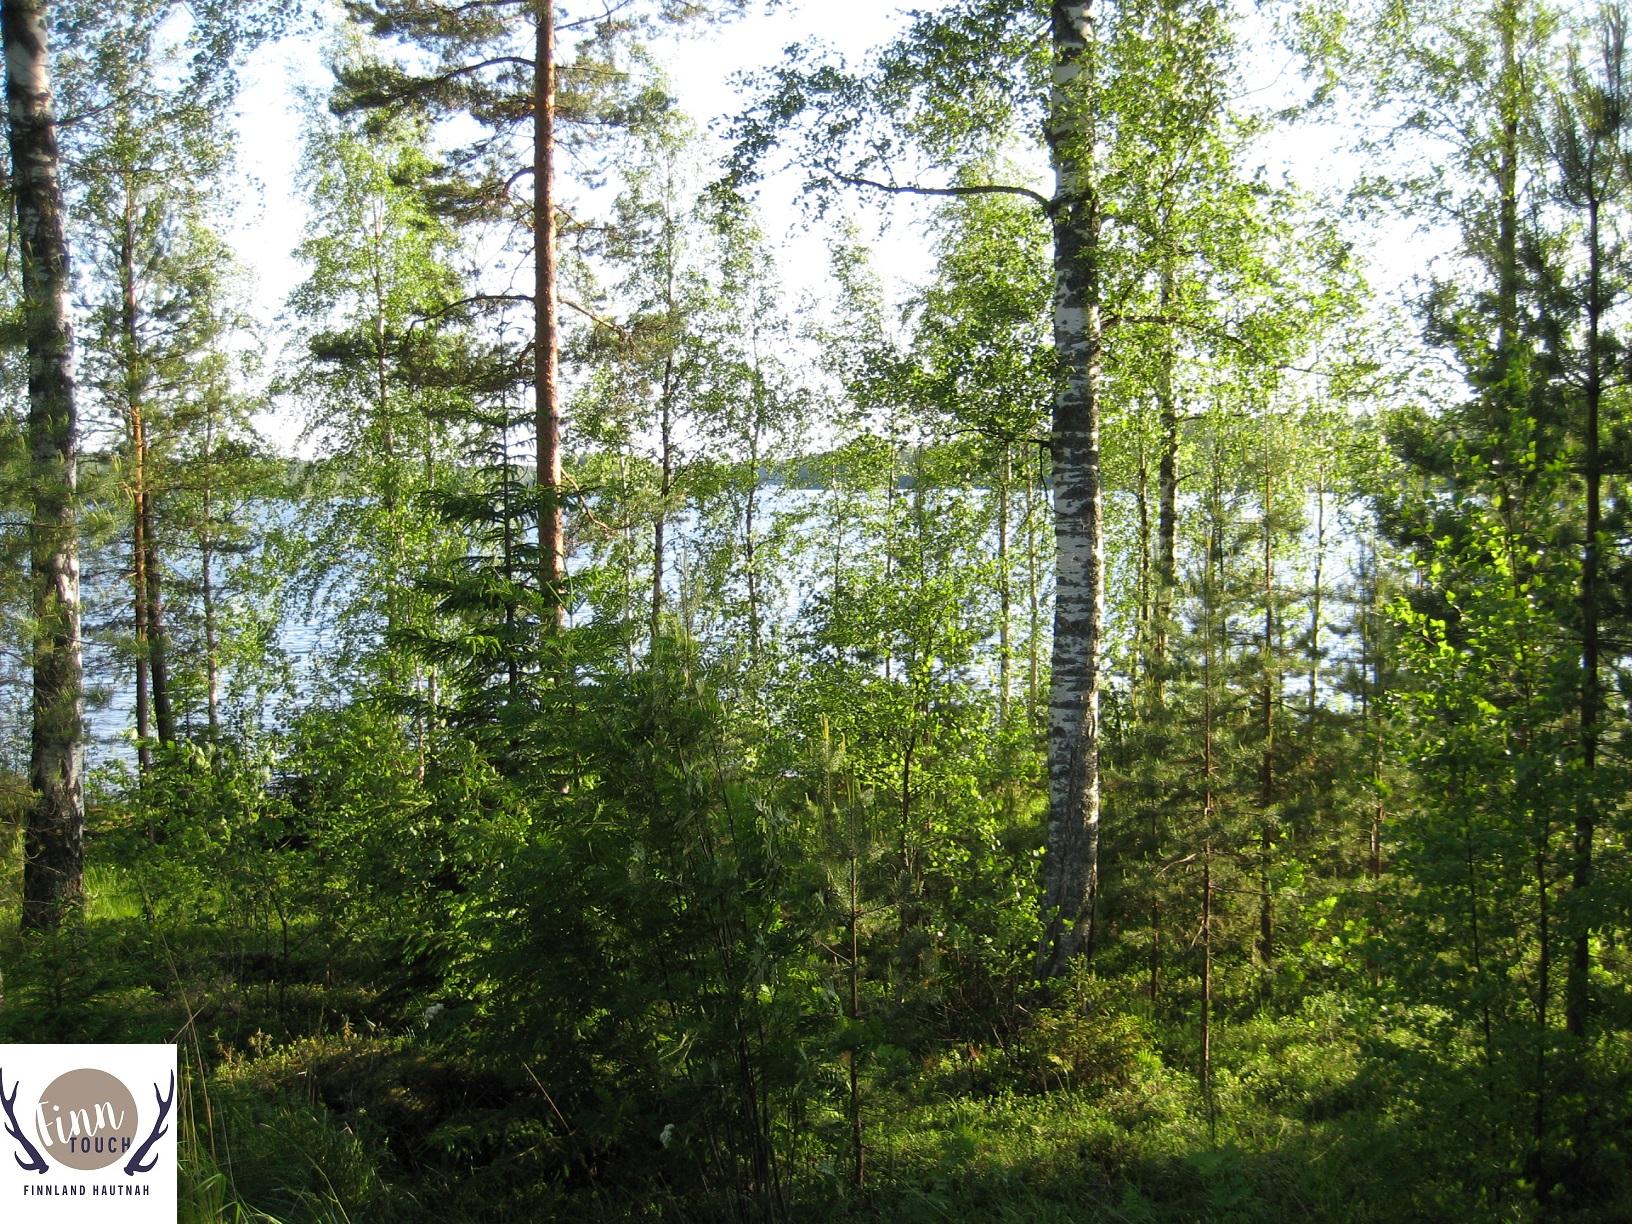 Bei solchen Aussichten von der Veranda des Sommerhauses ist es doch verständlich, dass die meisten Finnen in sich ruhen, oder etwa nicht?